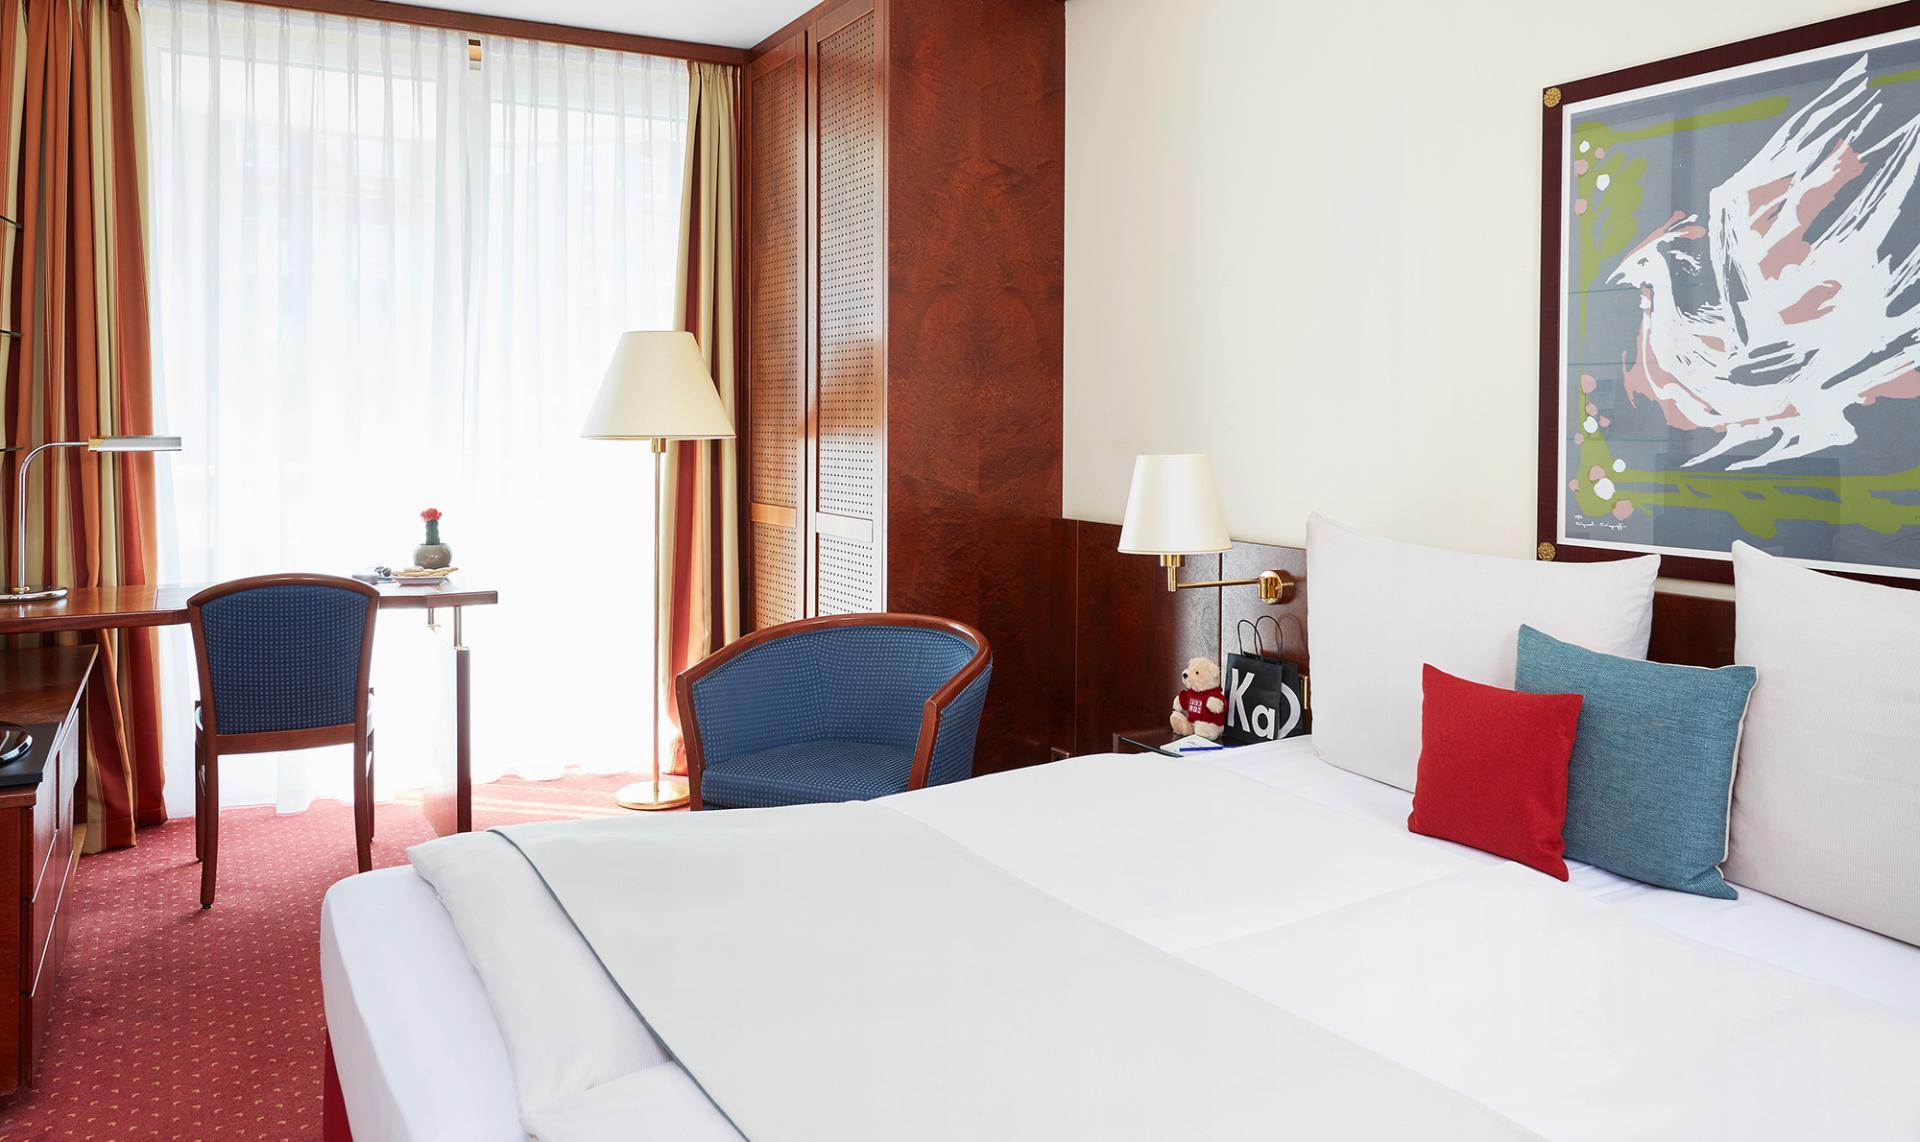 Bedroom at Living Hotel Weißensee Apartments, Weisensee, Berlin